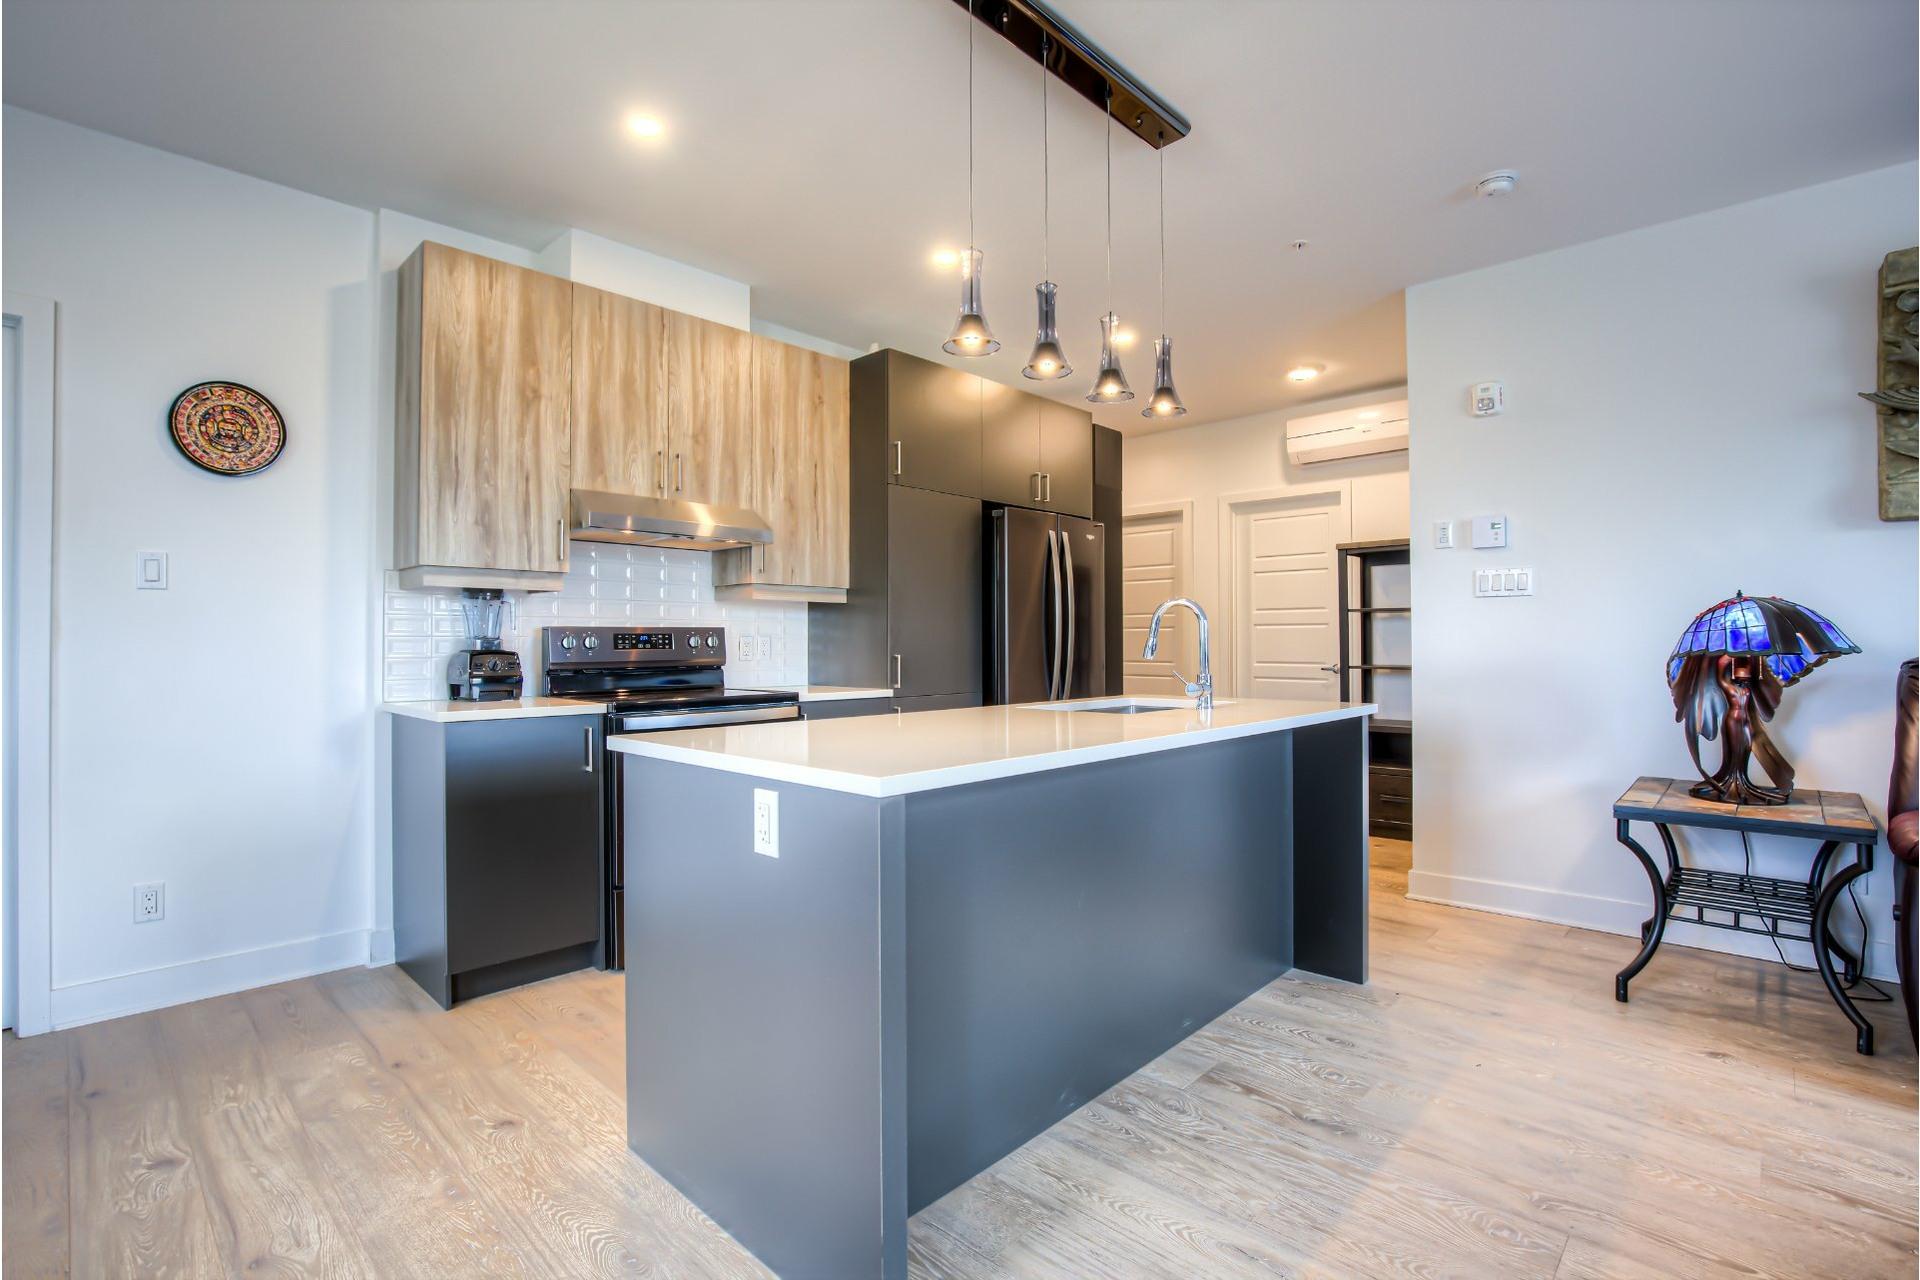 image 8 - Appartement À vendre Beaconsfield - 8 pièces